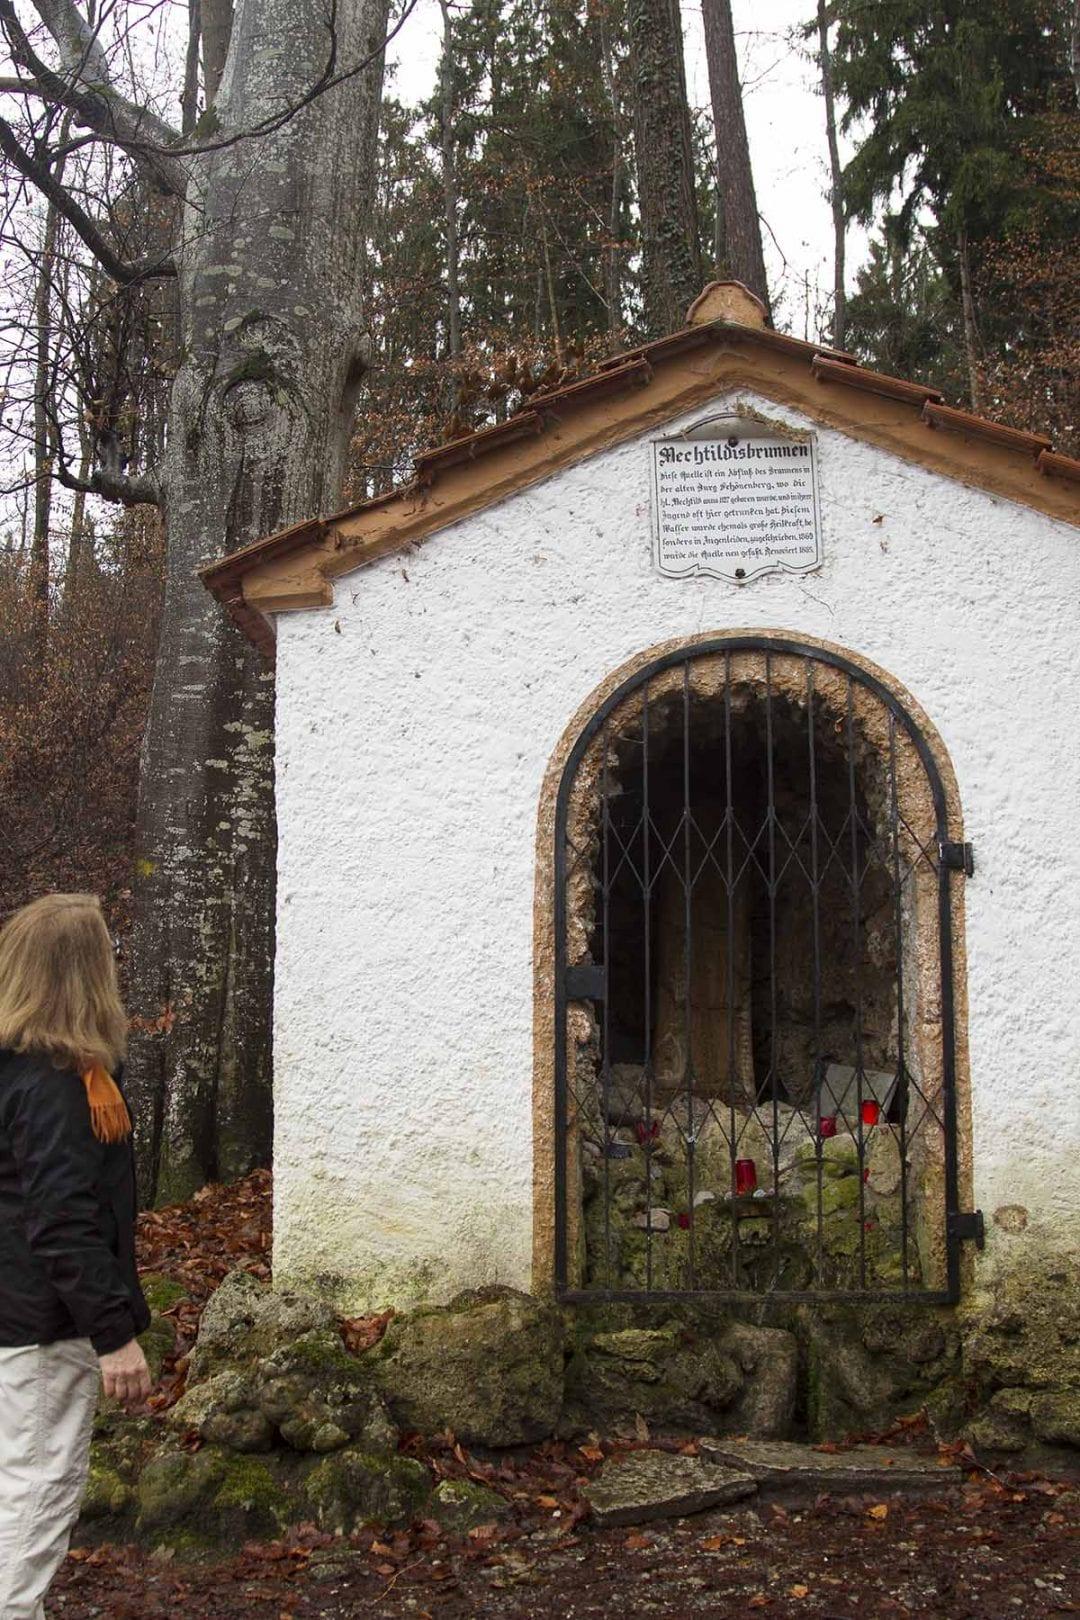 Mechthildisquelle in Diessen am Ammersee